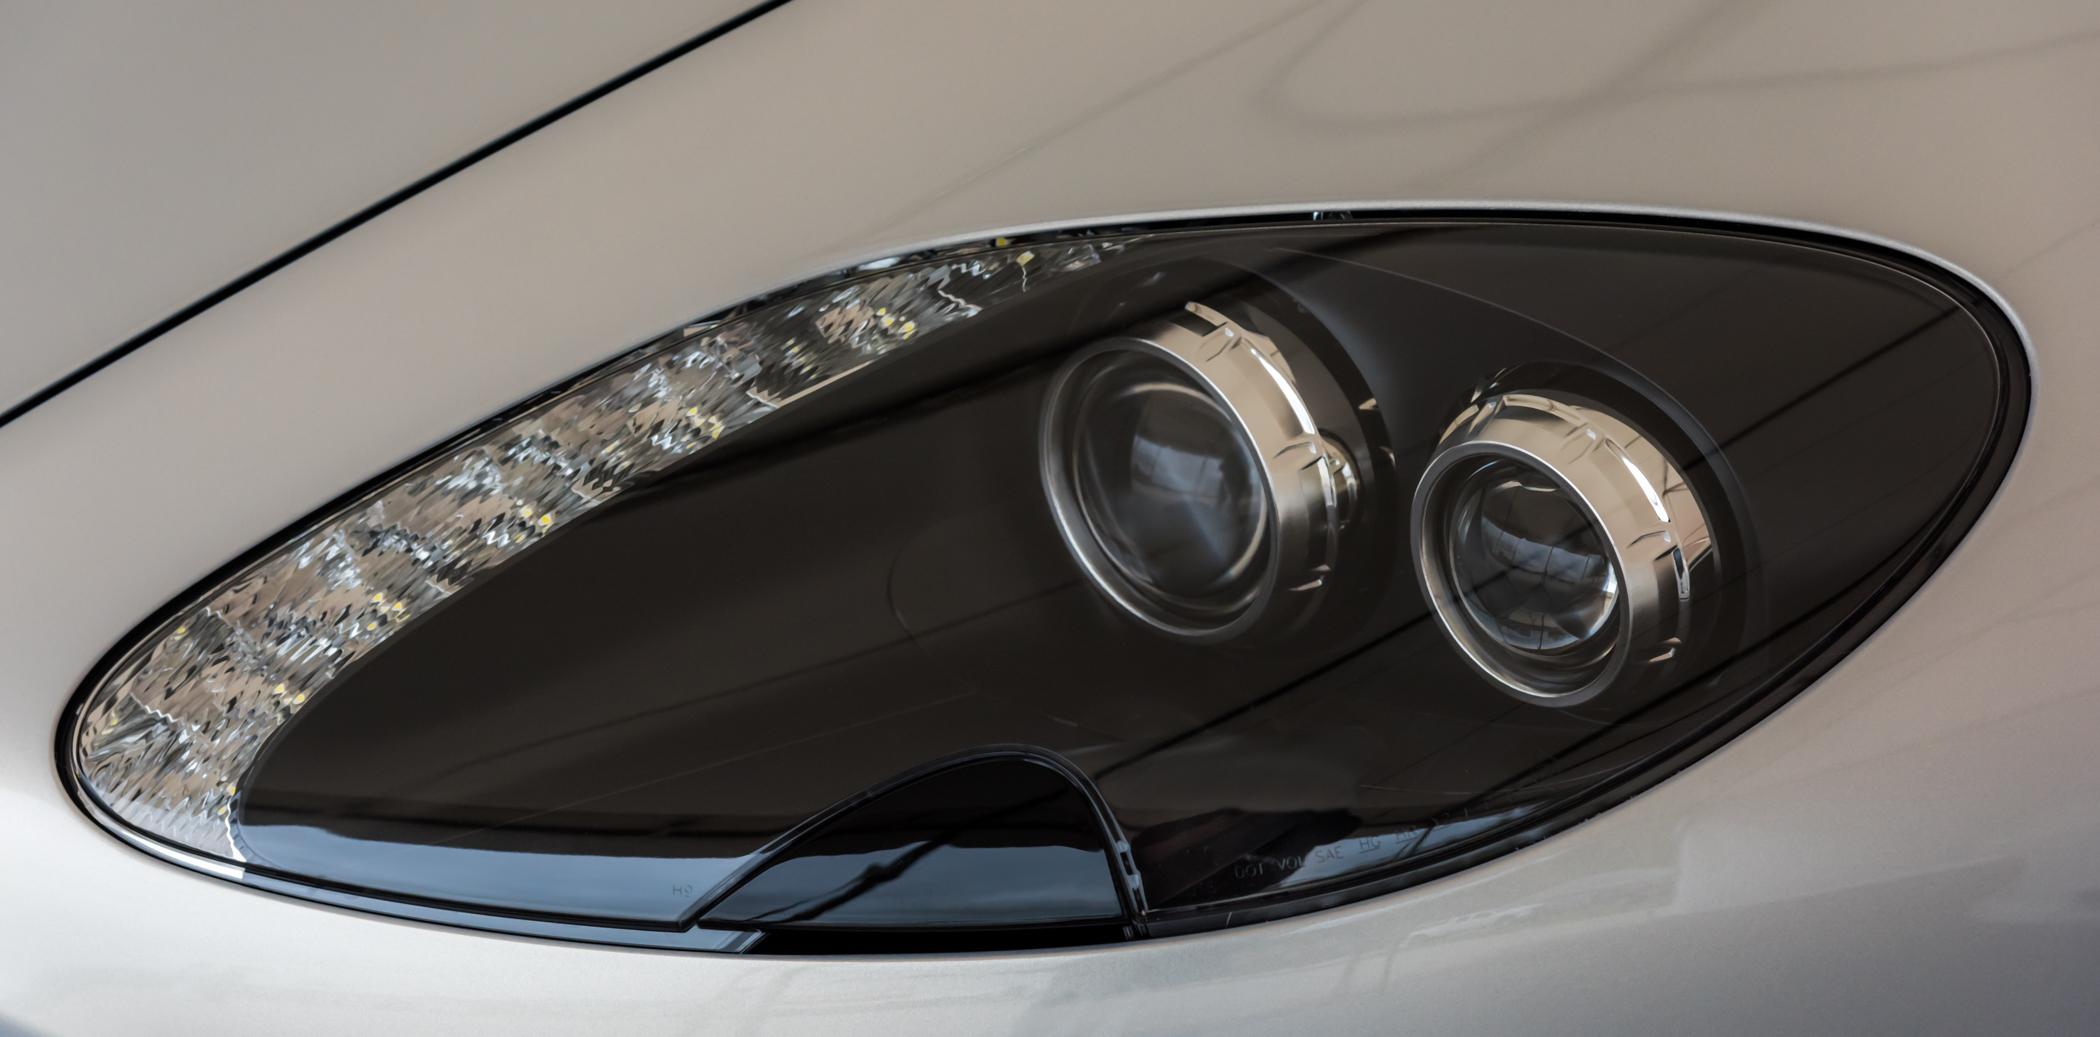 Aston Martin Headlamp